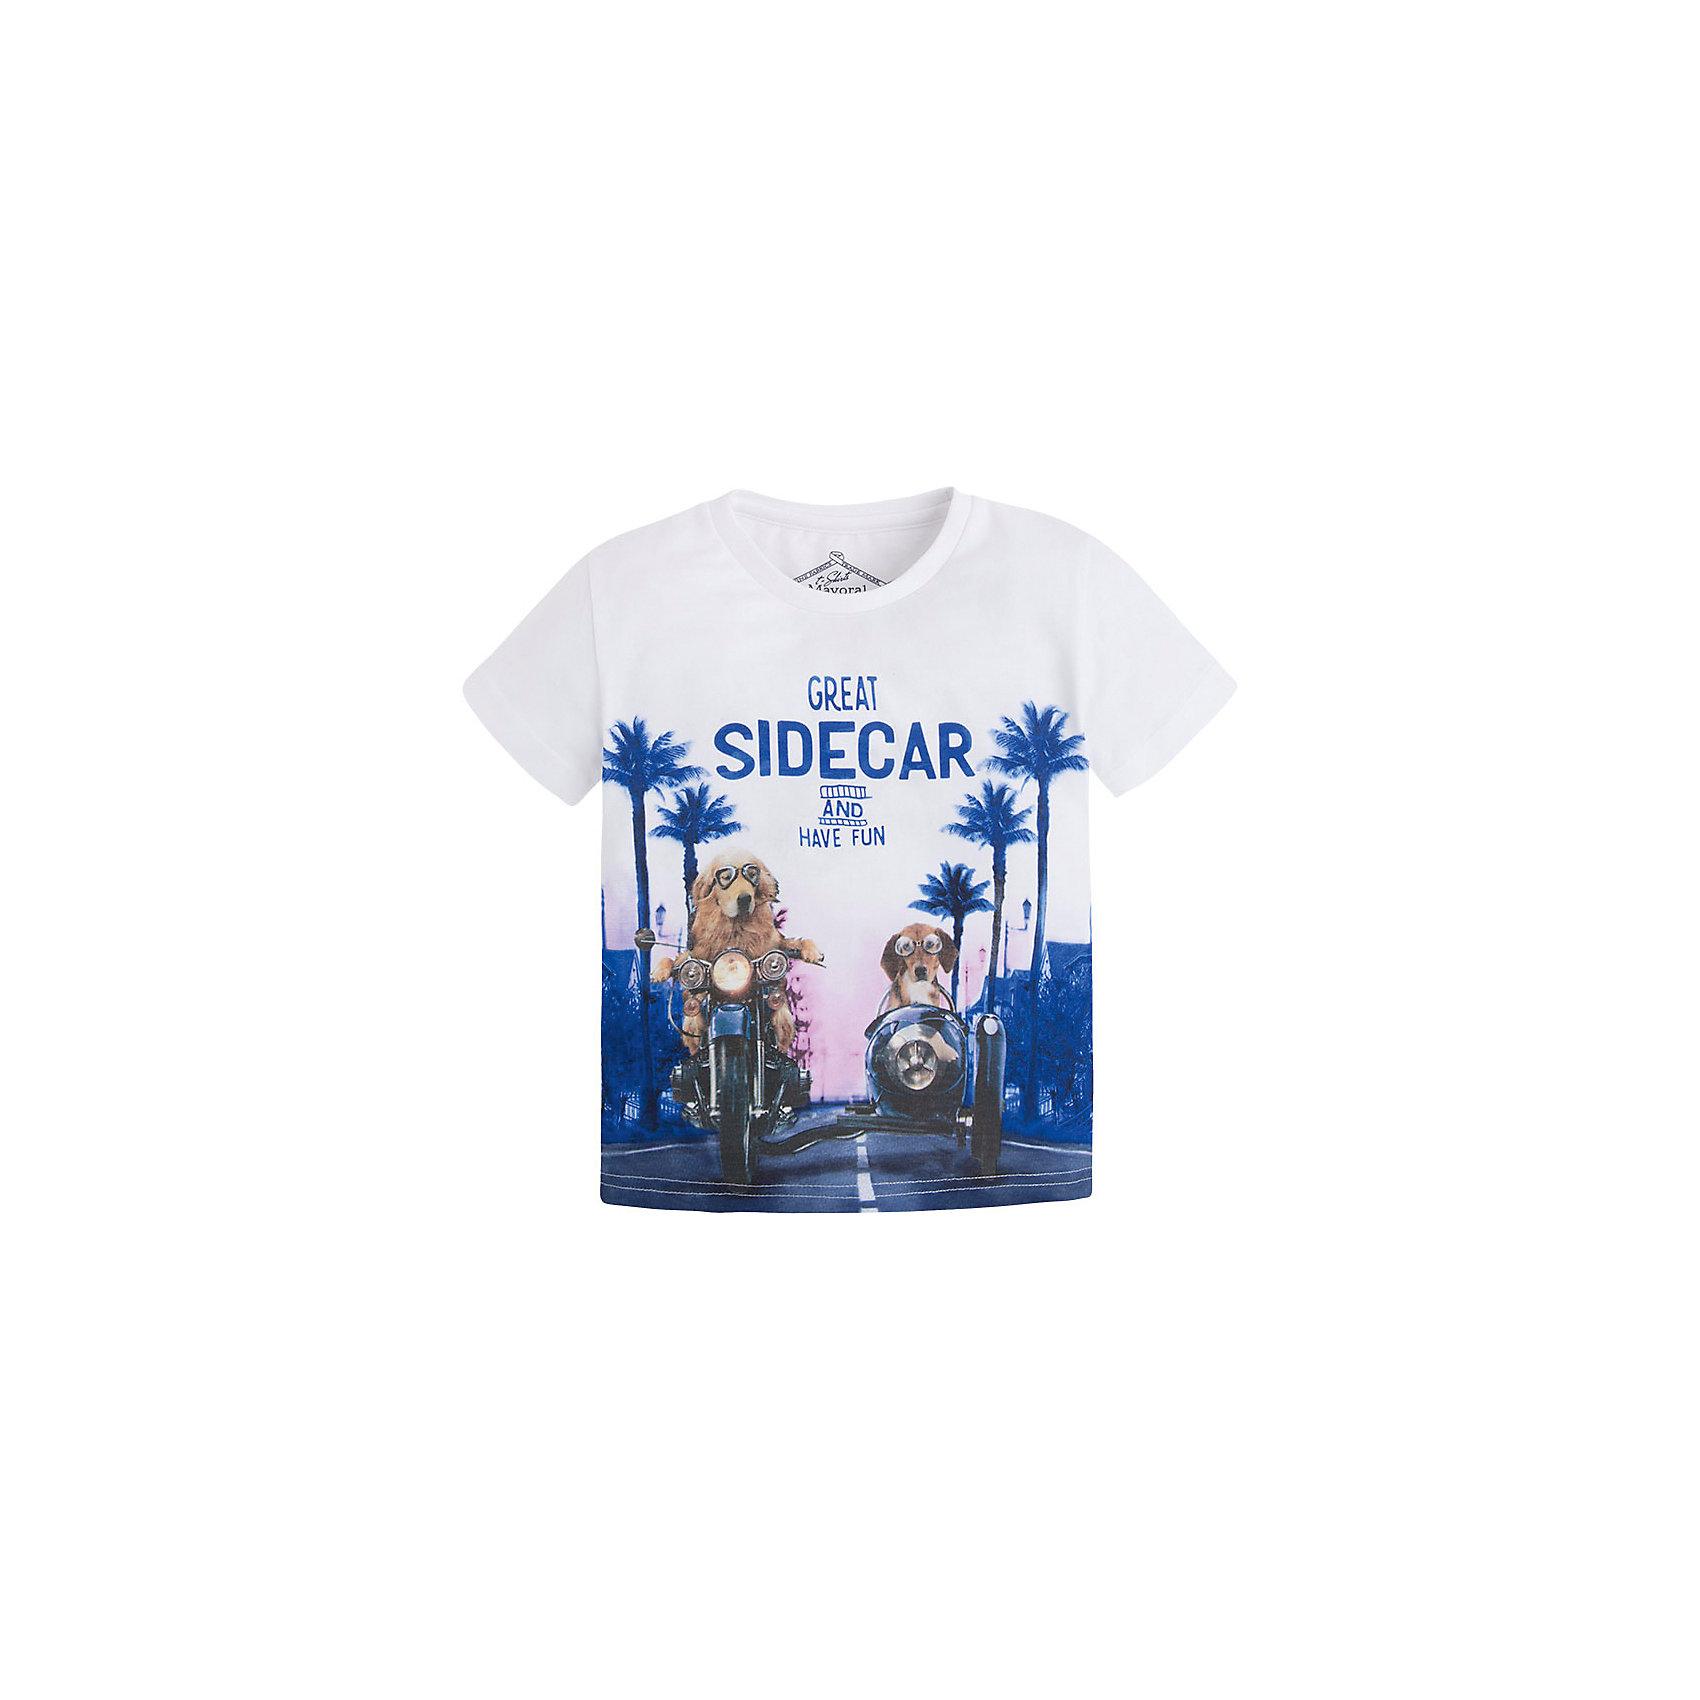 Футболка для мальчика MayoralФутболка для мальчика от известной испанской марки Mayoral <br><br>Модная футболка от Mayoral - отличный вариант одежды на каждый день! Она прекрасно сочетается с джинсами и шортами.  Модель выполнена из качественных материалов, отлично сидит по фигуре.<br><br>Особенности модели:<br><br>- цвет: синий, белый;<br>- рукава короткие;<br>- украшена принтом;<br>- натуральные материалы.<br><br>Дополнительная информация:<br><br>Состав: 100% хлопок<br><br>Футболку для мальчика Mayoral (Майорал) можно купить в нашем магазине.<br><br>Ширина мм: 199<br>Глубина мм: 10<br>Высота мм: 161<br>Вес г: 151<br>Цвет: белый<br>Возраст от месяцев: 96<br>Возраст до месяцев: 108<br>Пол: Мужской<br>Возраст: Детский<br>Размер: 134,92,110,128,122,116,104,98<br>SKU: 4541313